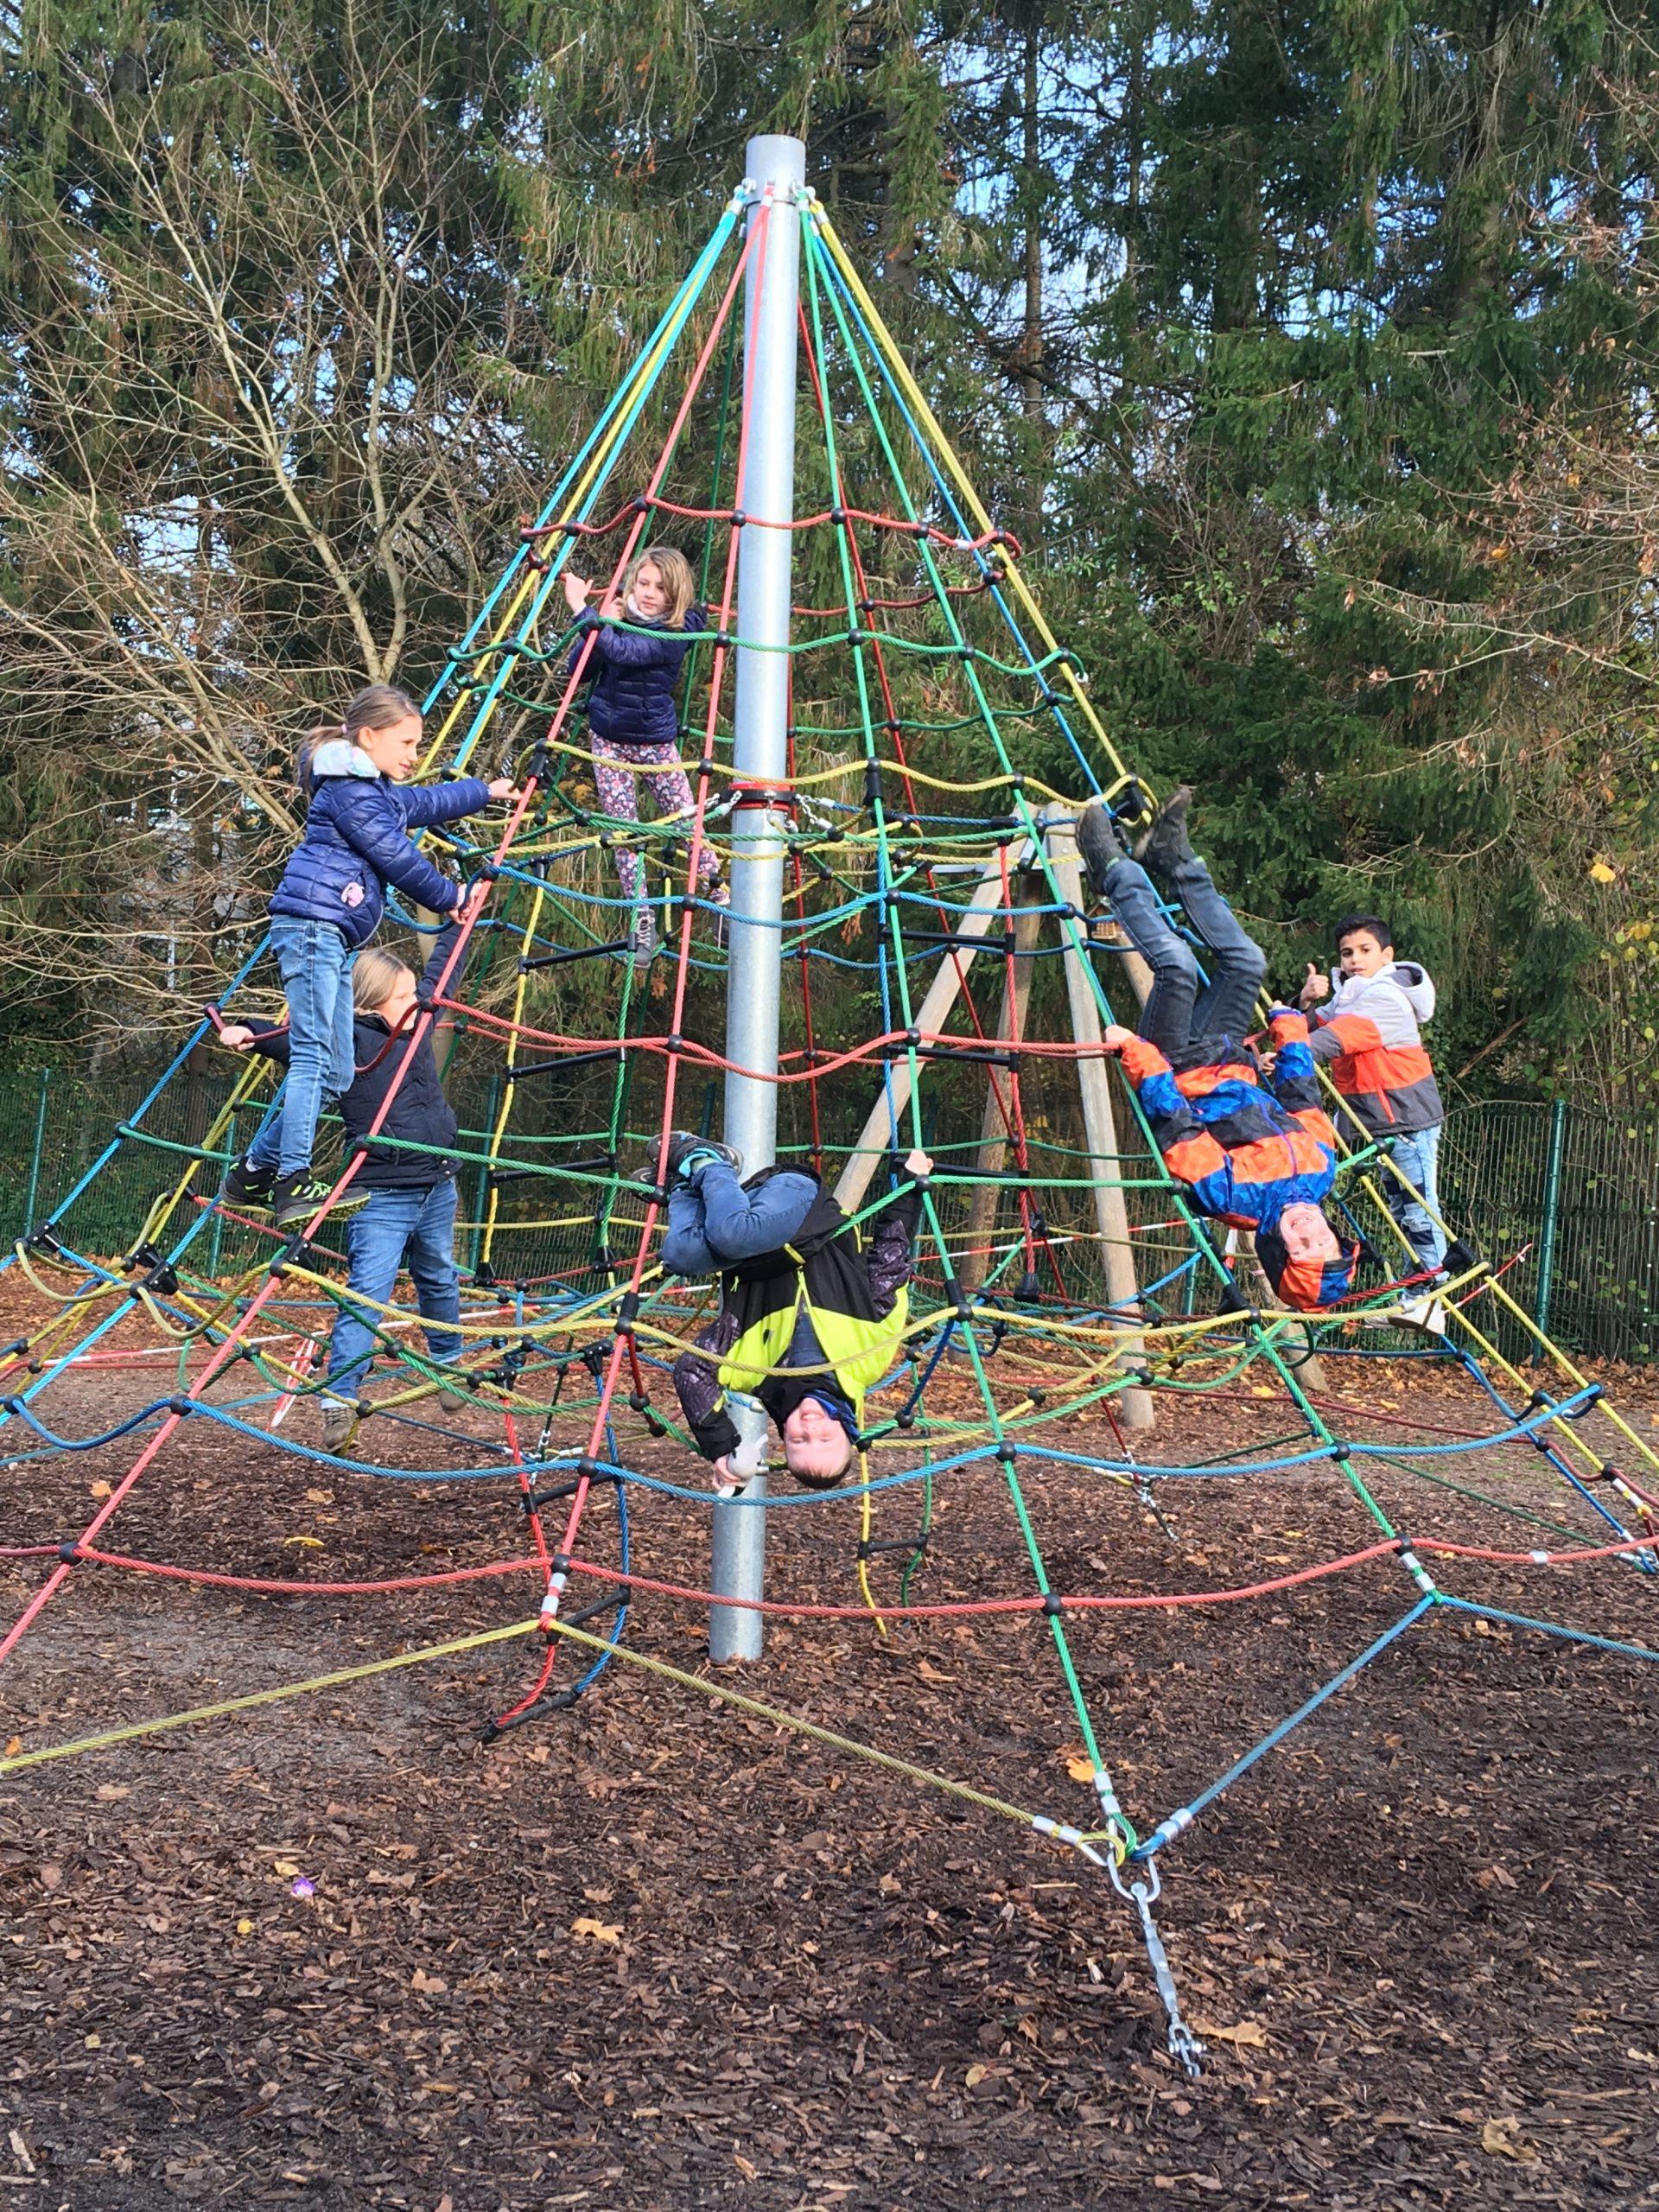 Kinder auf einer Kletterpyramide